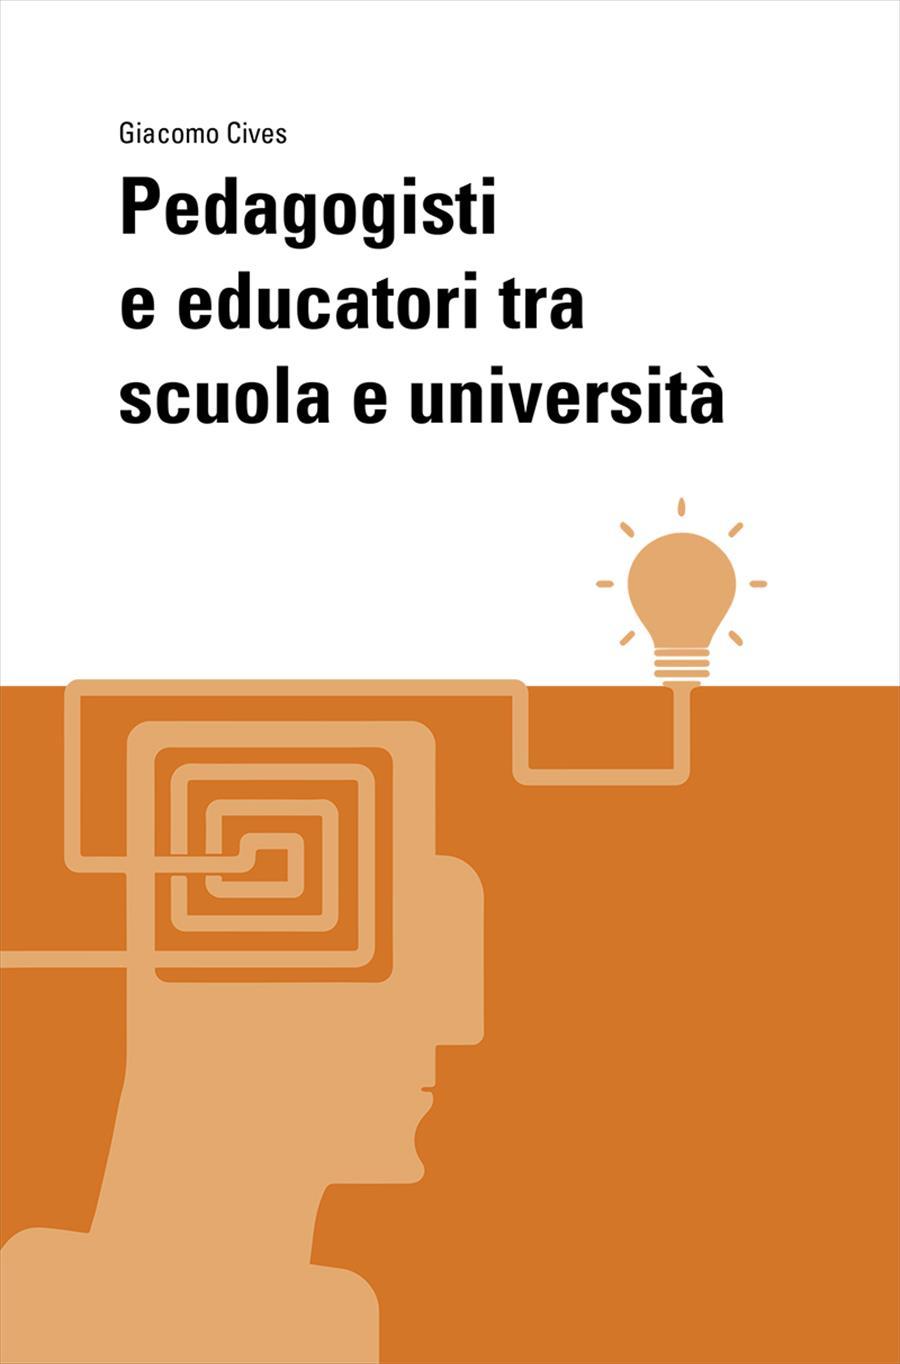 Pedagogisti e educatori tra scuola e università